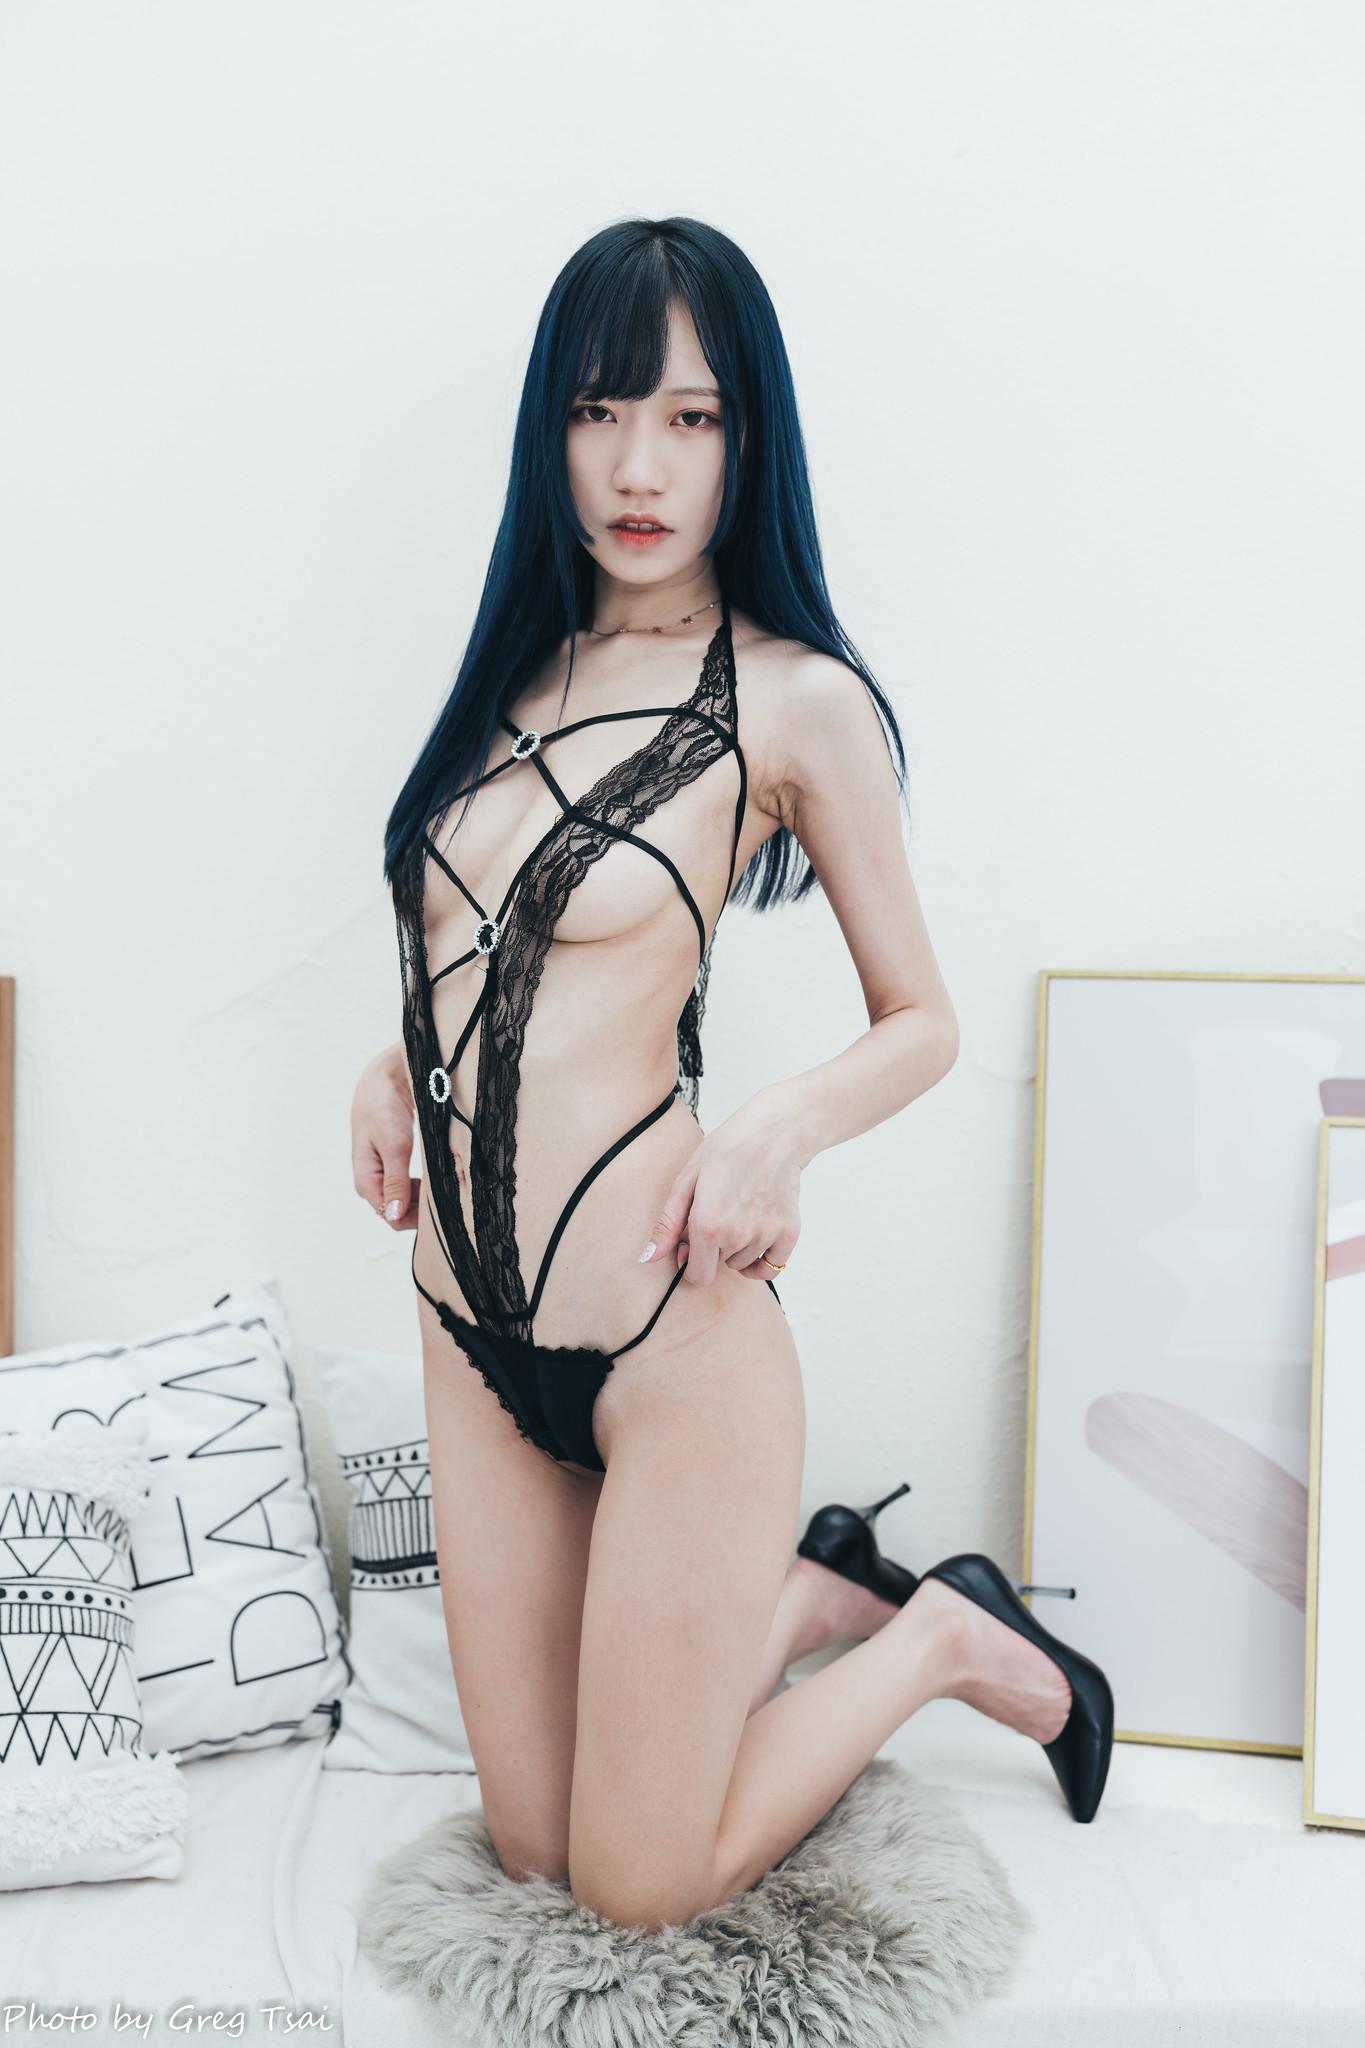 【網路收集】台灣美腿女郎-王芷涵 情趣內衣棚拍寫真 - 貼圖 - 絲襪美腿 -